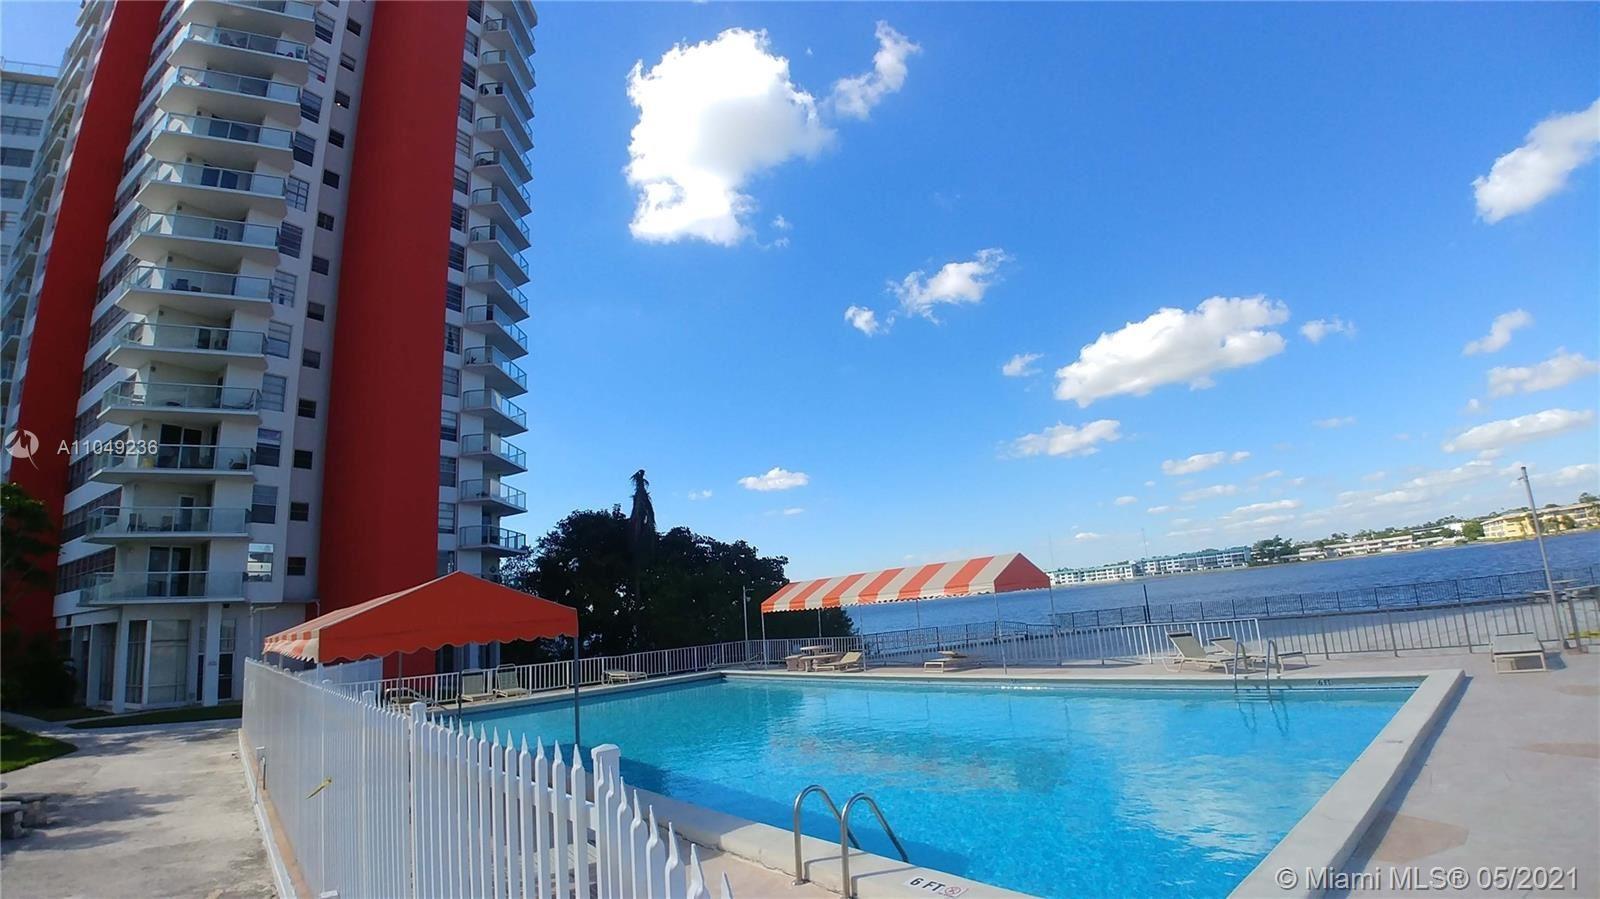 1351 NE Miami Gardens Dr #706E, Miami, FL 33179 - #: A11049236